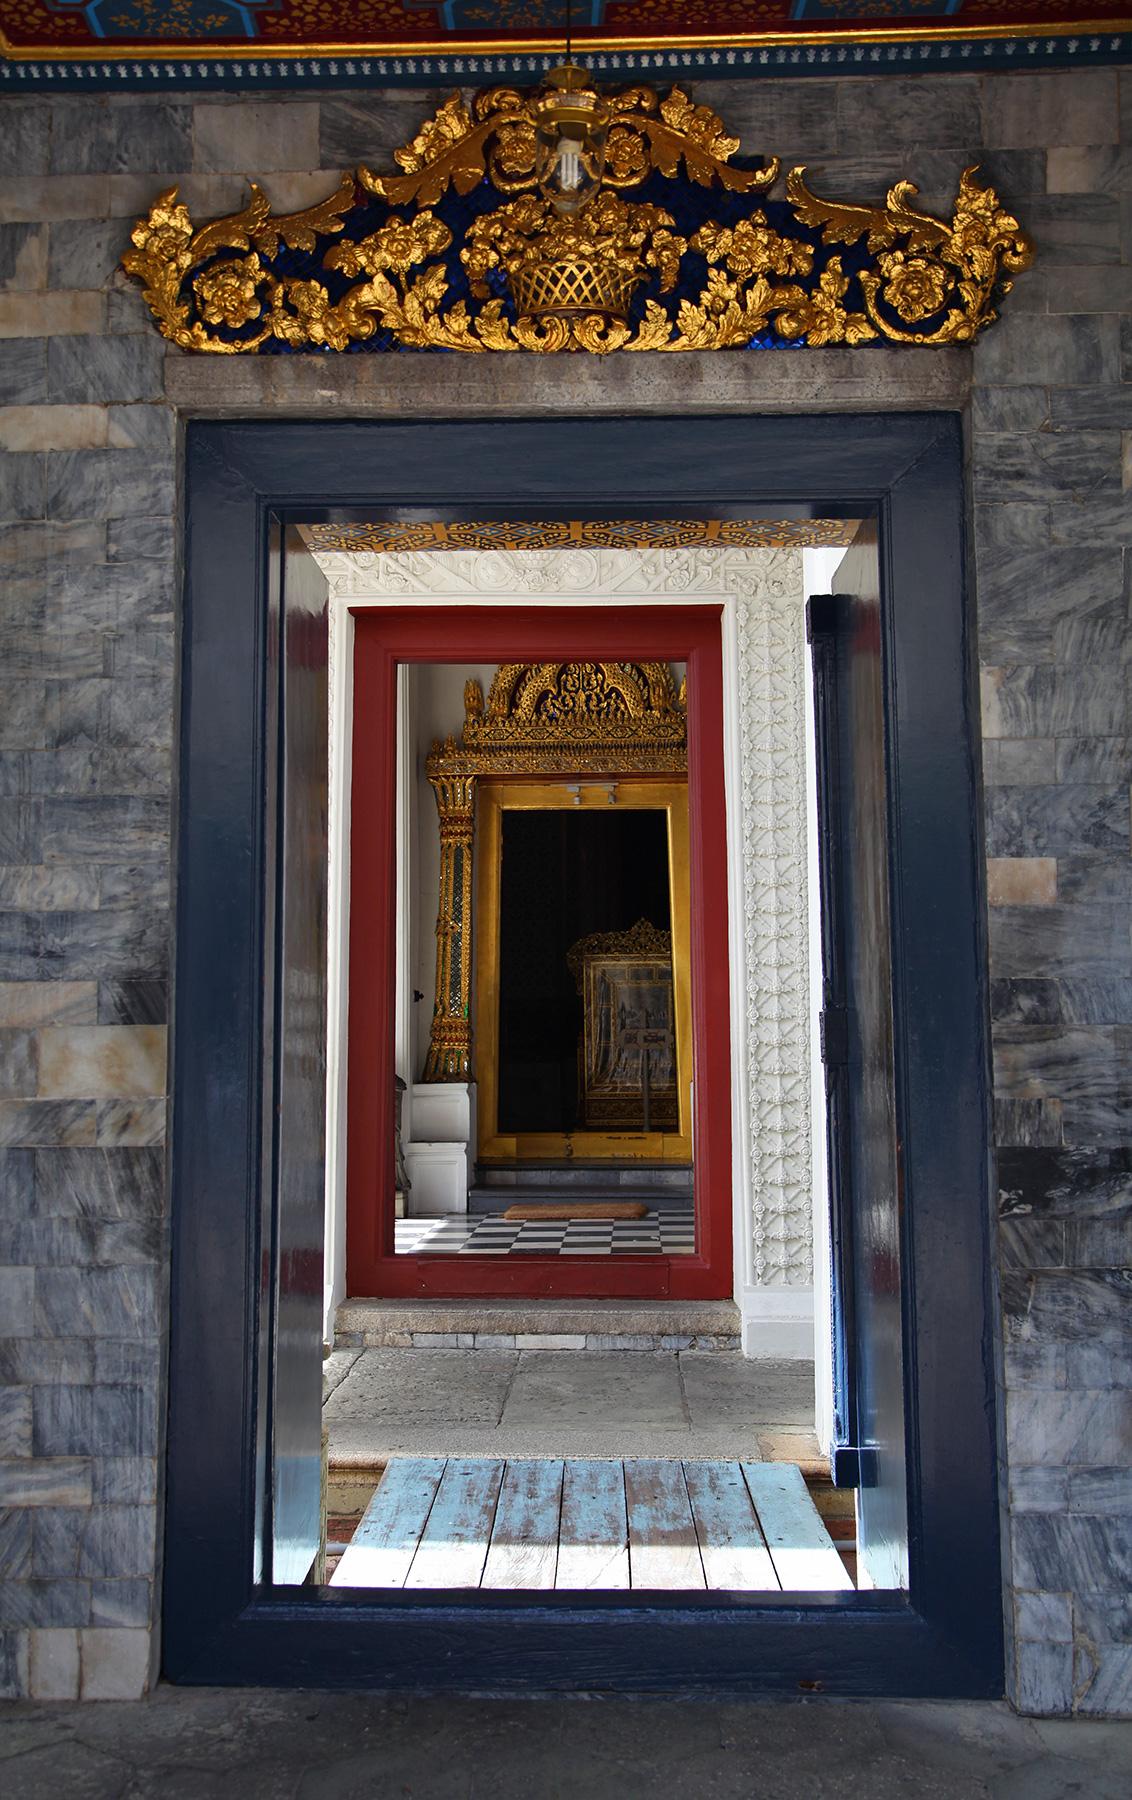 tempels-bangkok-thailand-4